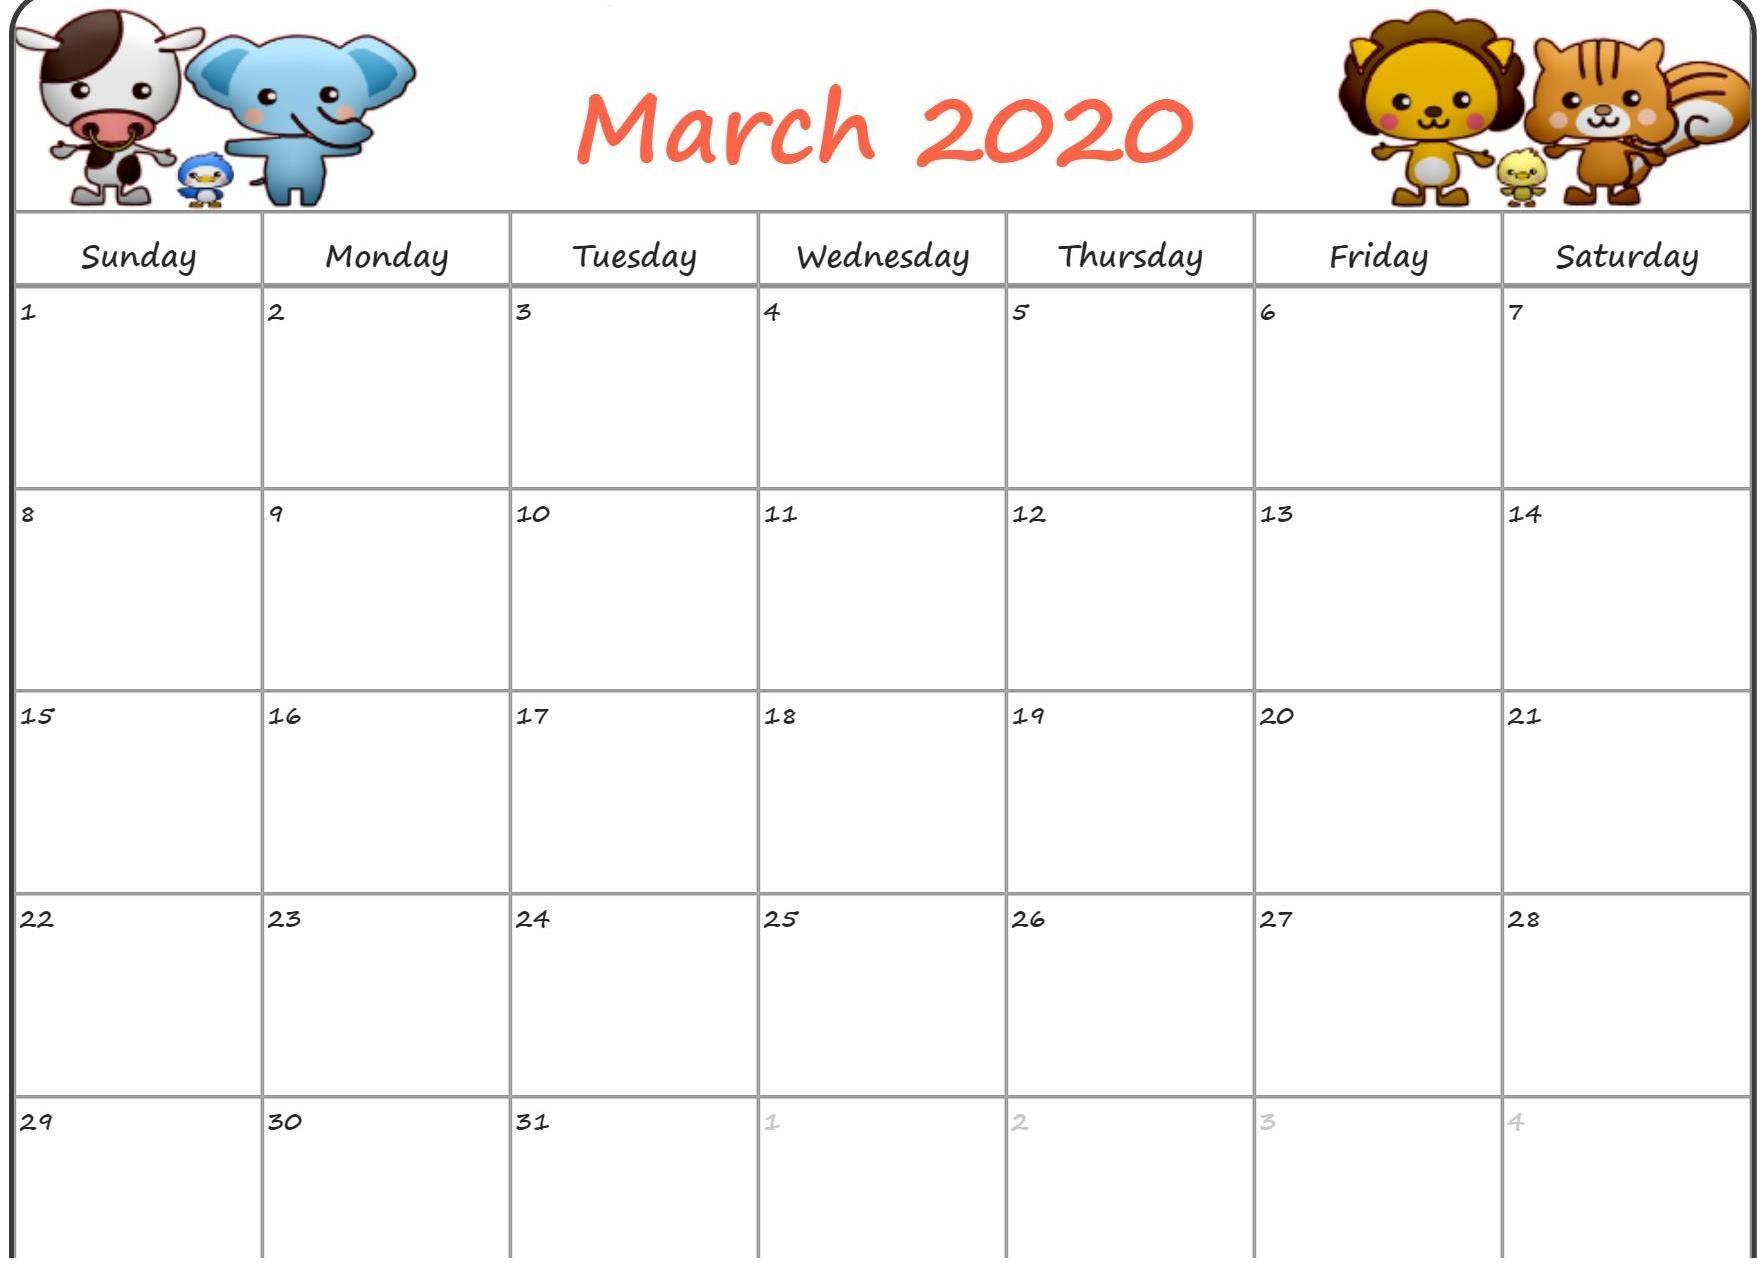 Editable Calendar For March 2020